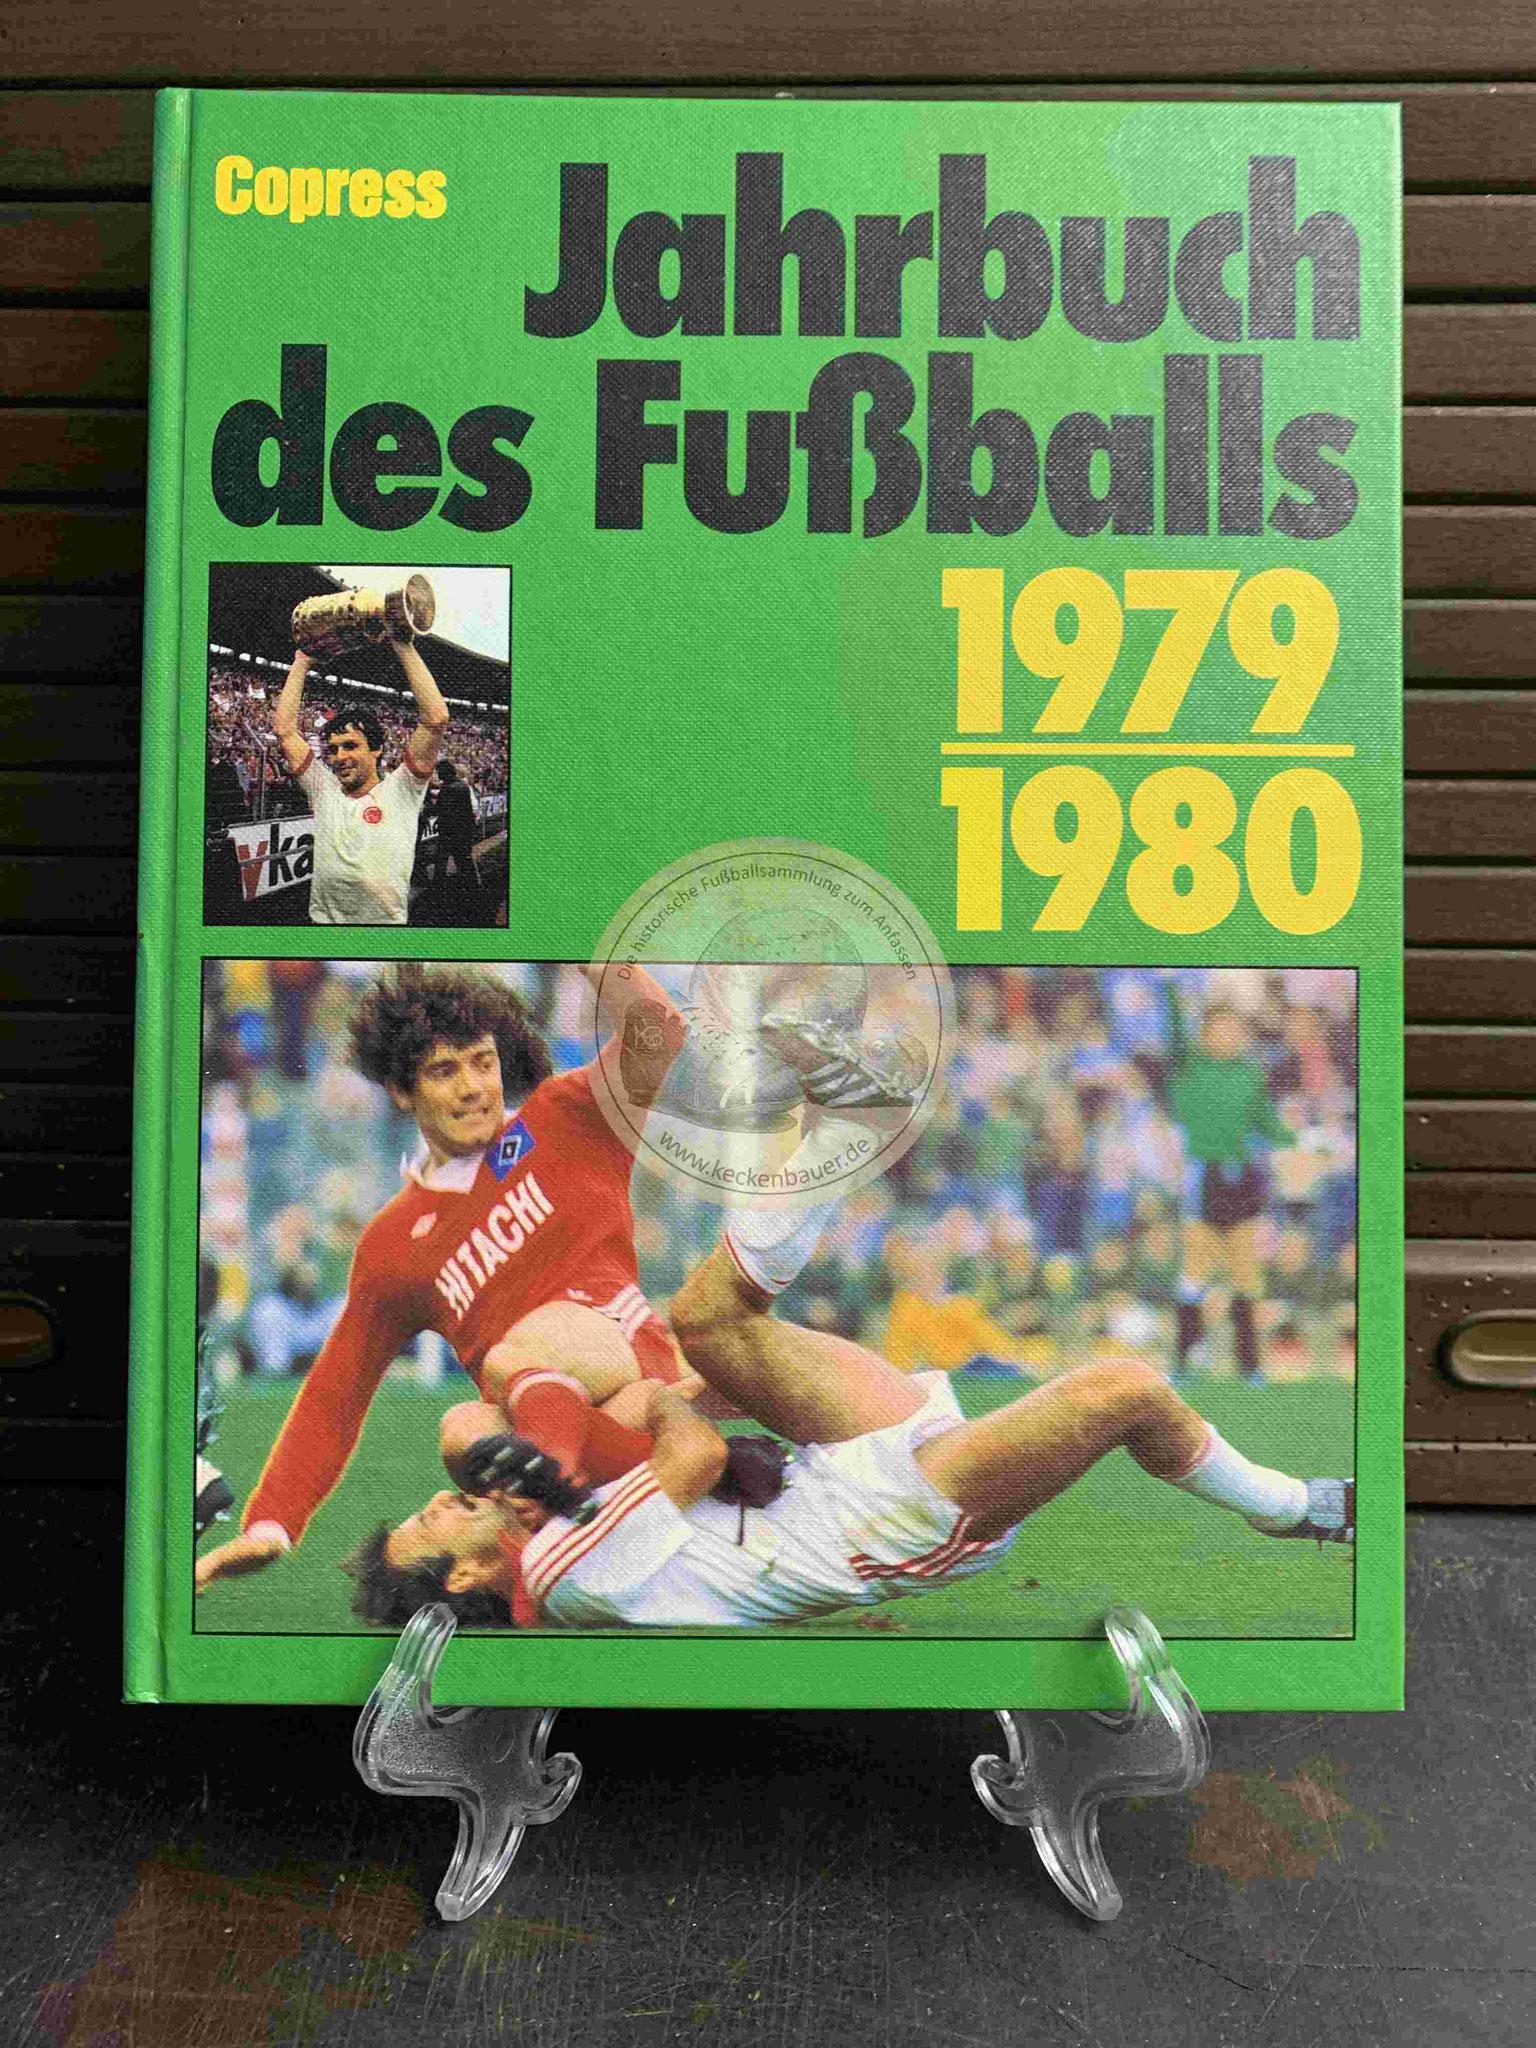 Jahrbuch des Fußballs 1979 vom Copress Verlag